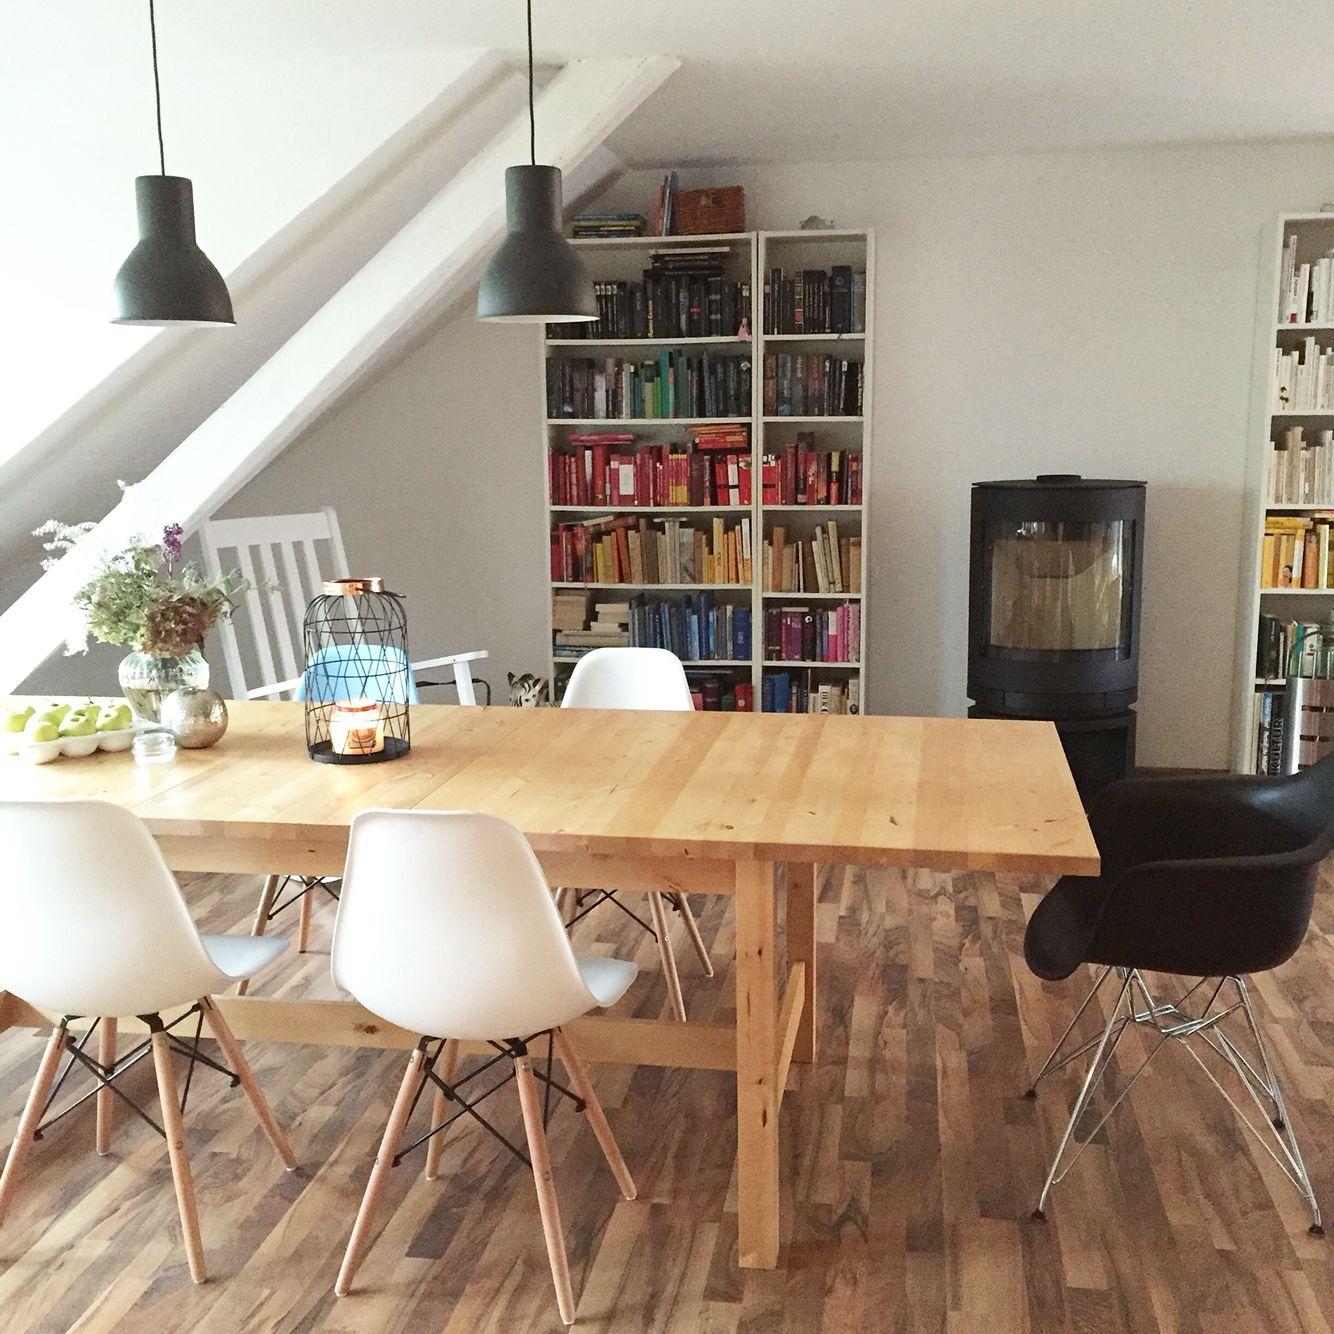 Wohnzimmer. Mit Ikea Norden Esstisch, Eames Chairs, Skantherm Kaminofen,  Ikea Billy Bücherregal